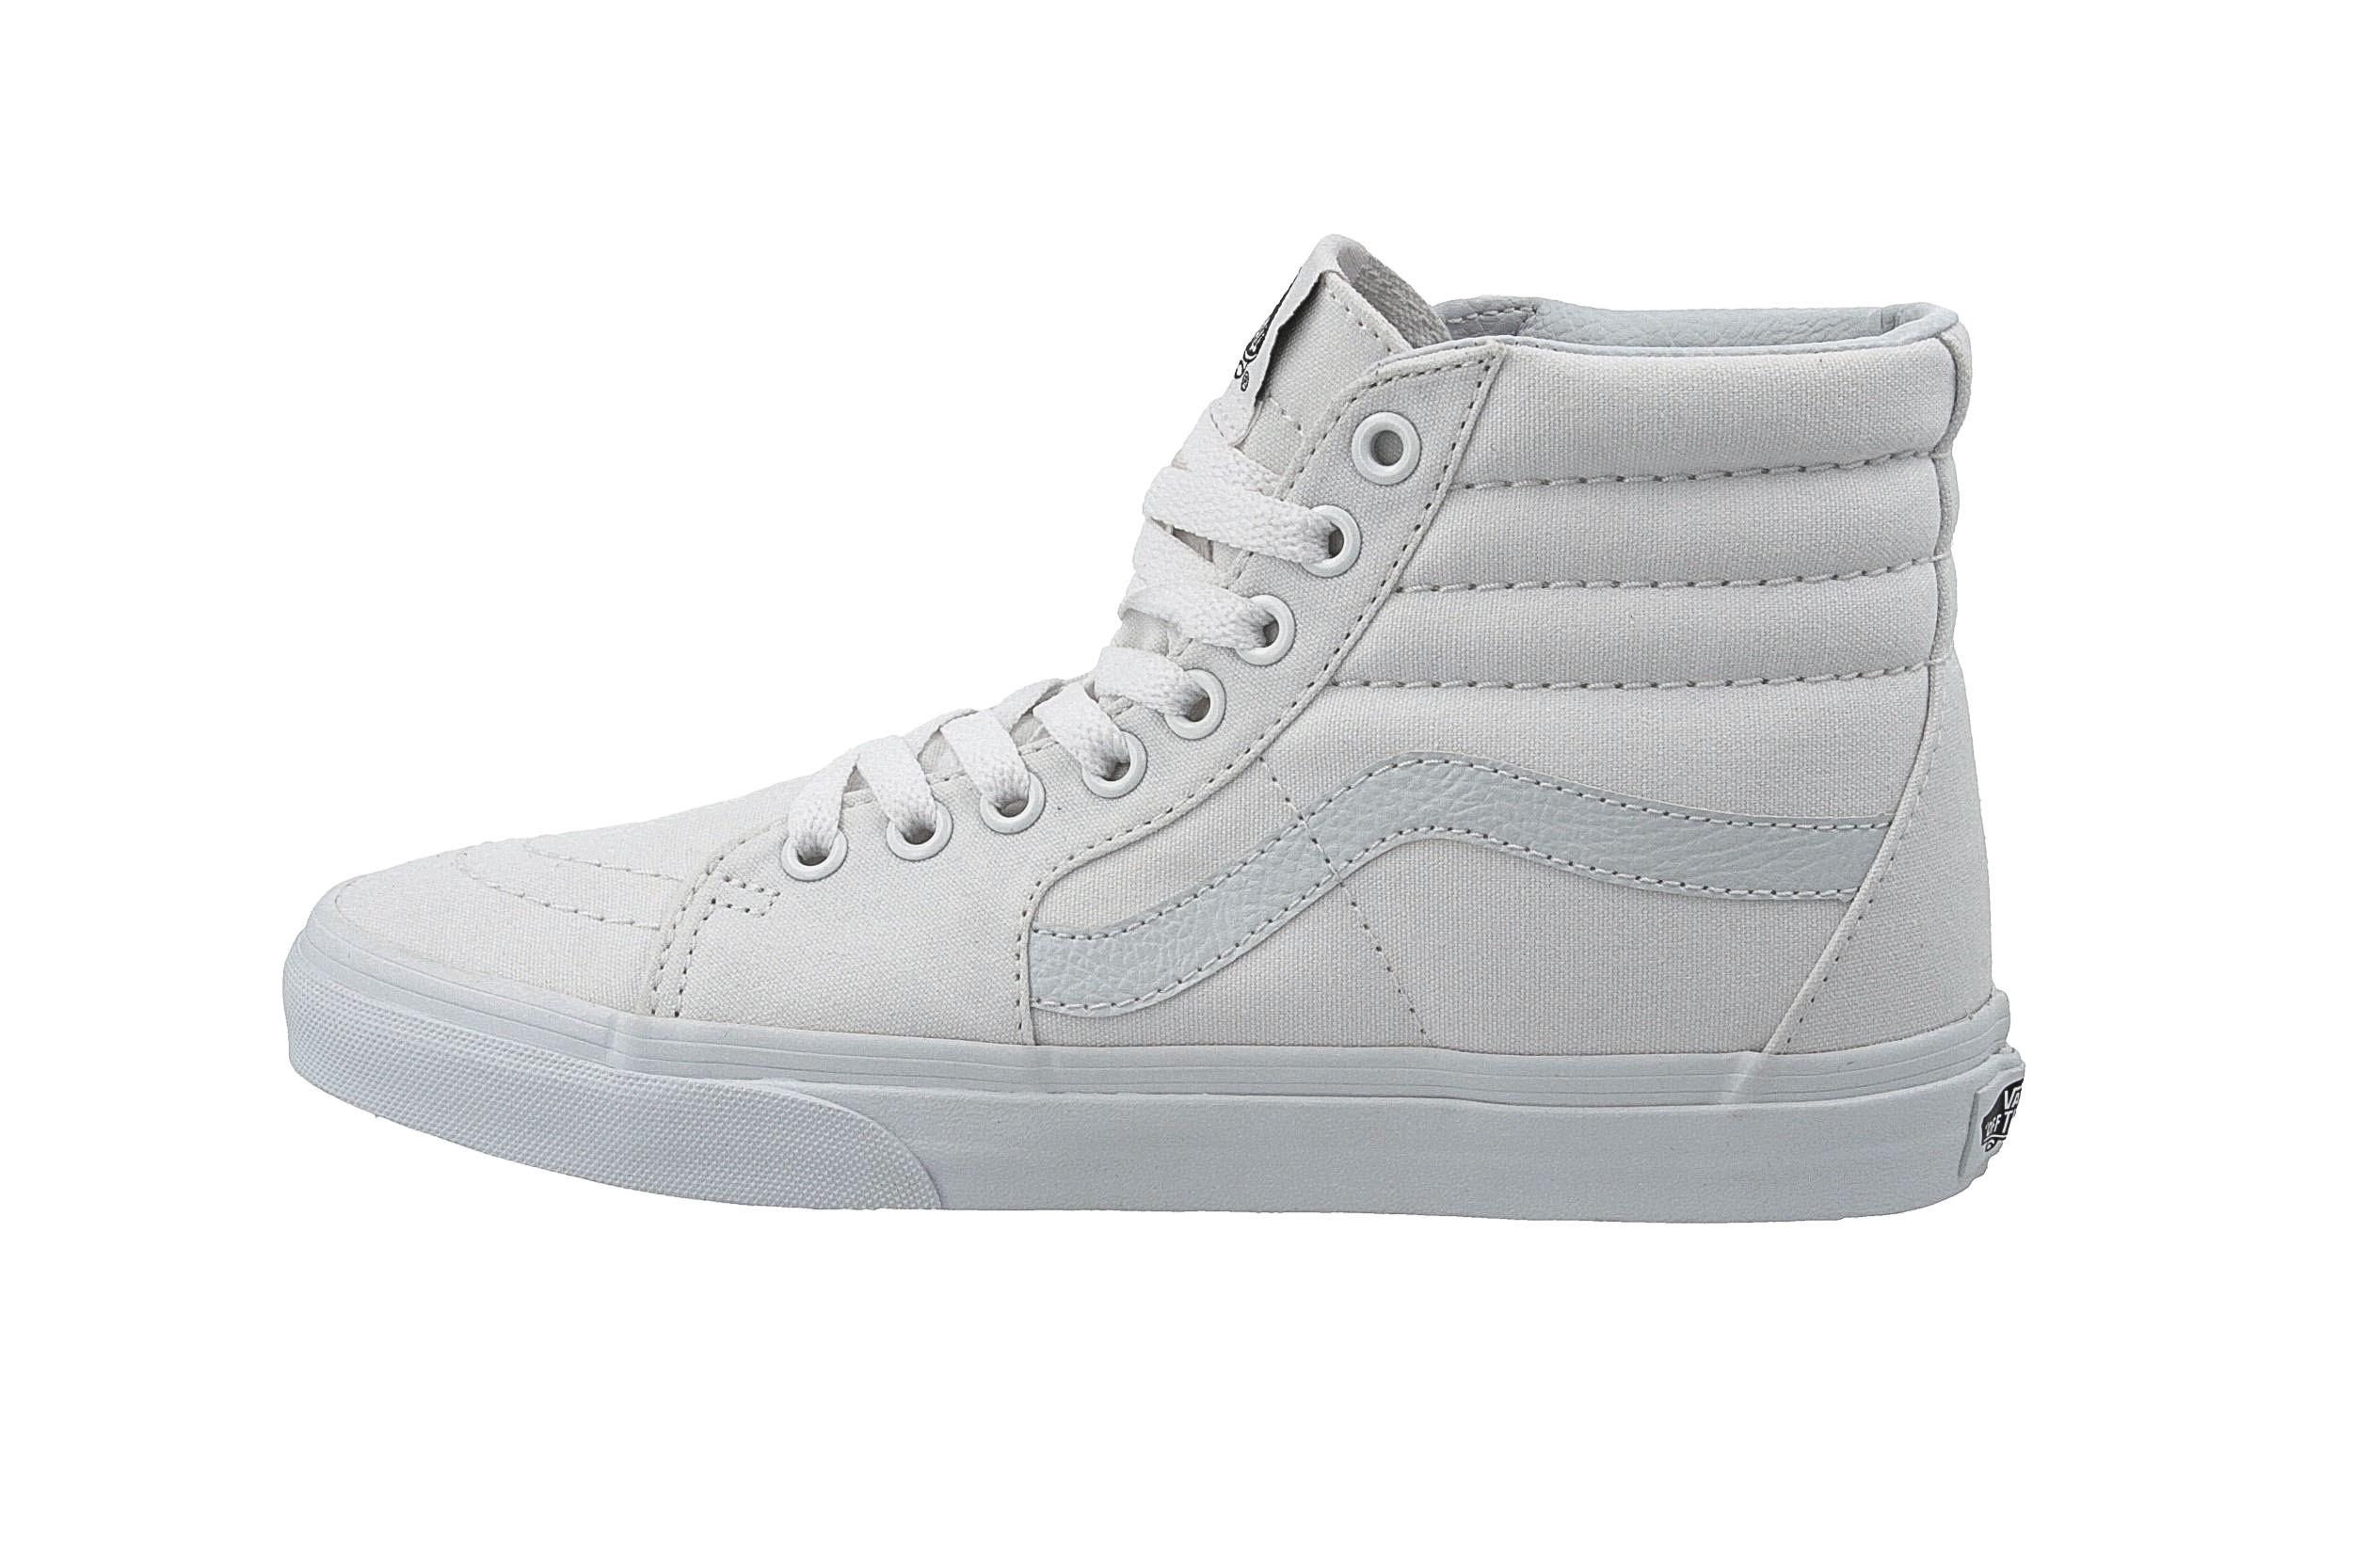 Vans Sk8 Hi true white ab 52,00 € | Preisvergleich bei